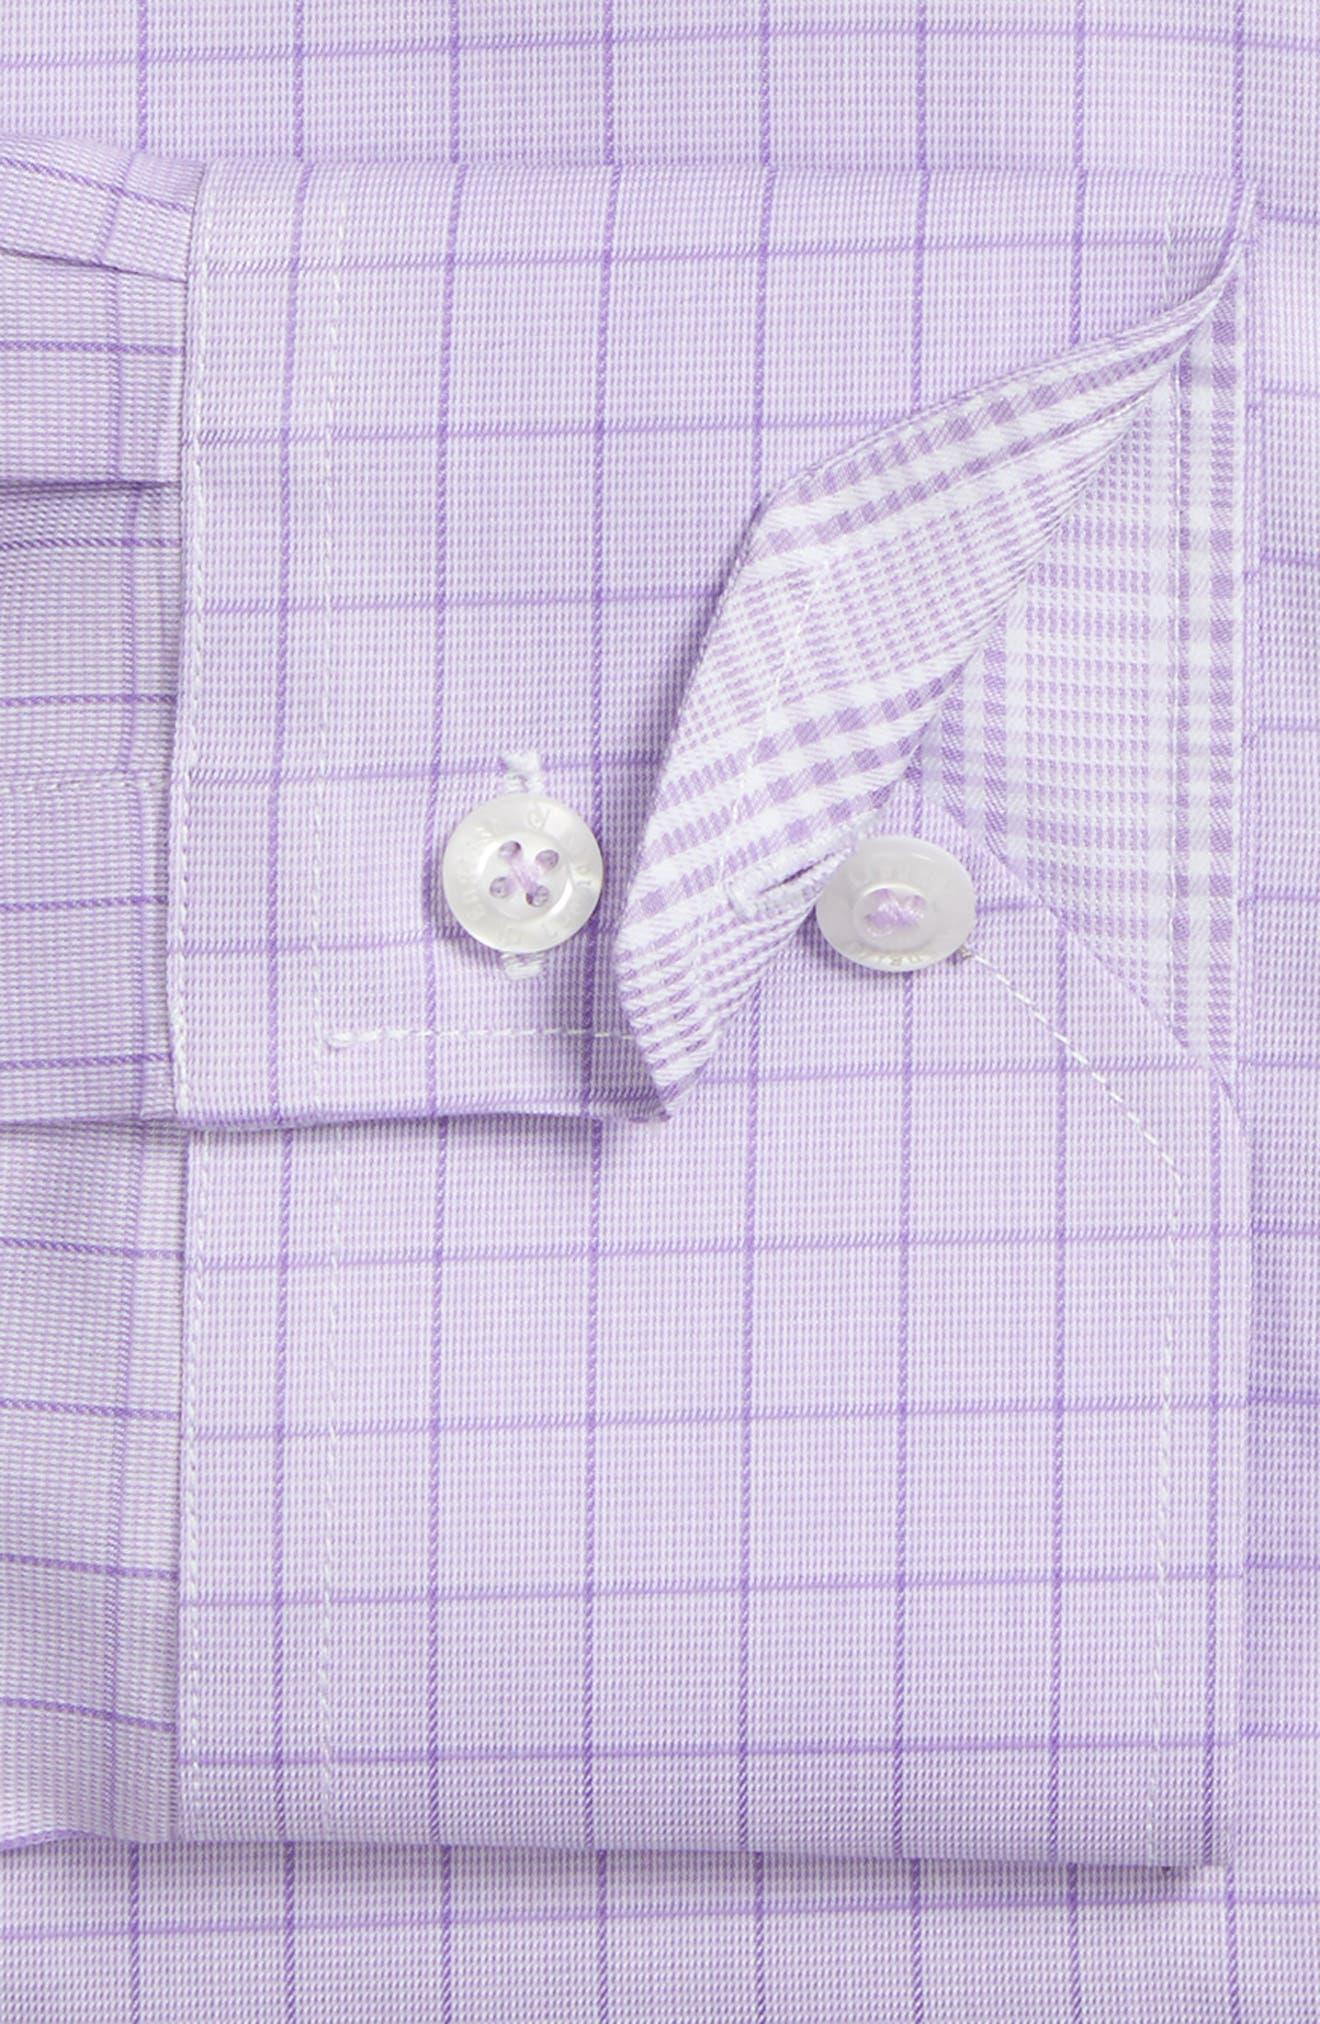 Trim Fit Check Dress Shirt,                             Alternate thumbnail 2, color,                             540